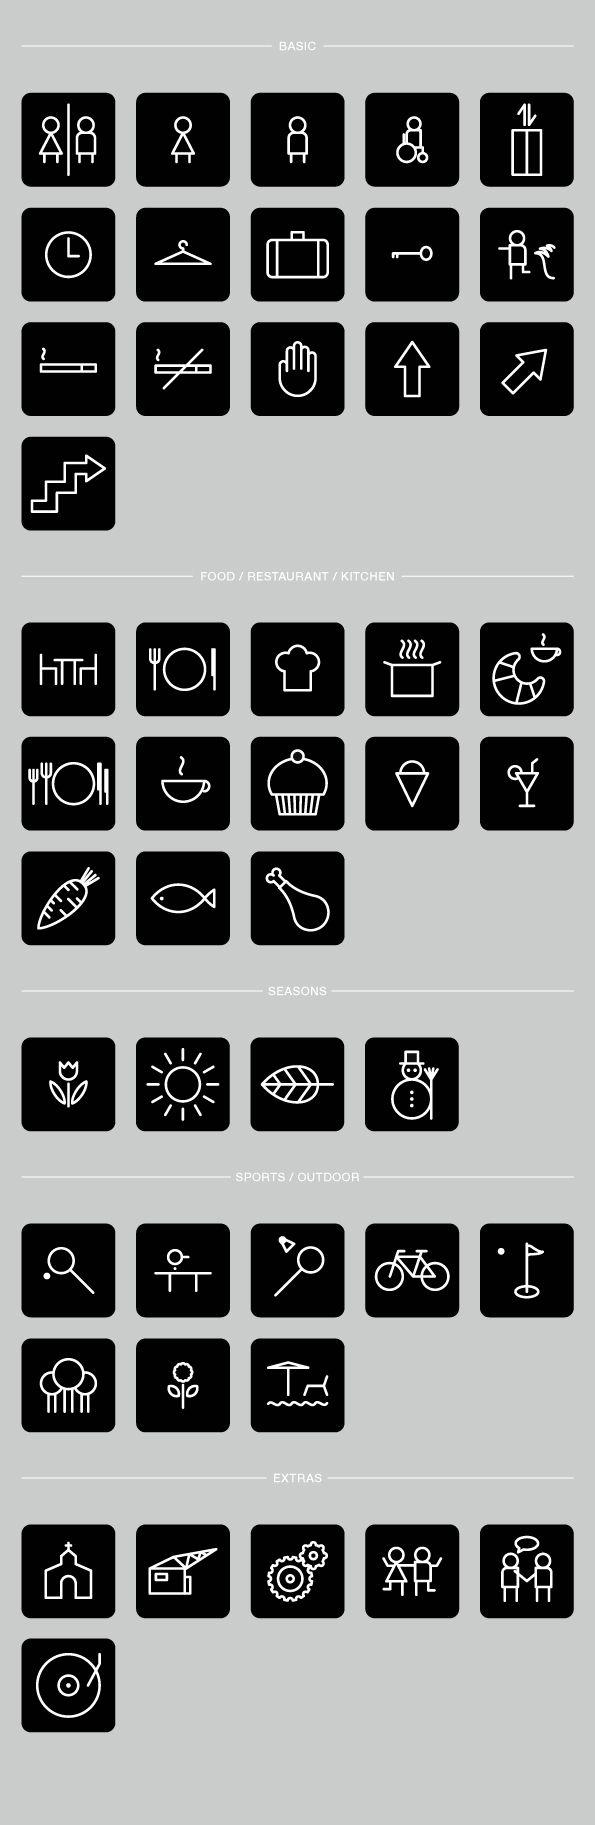 pictogram: één beeld dat meer zegt dan 1000 letters. je ziet overal wel pictogrammen, in een hotel, vliegveld, treinstation, ipad, telefoon enz. iedereen begrijpt het meteen je ziet gelijk wat er mee bedoeld word. het is vereenvoudigd, snel herkenbaar.